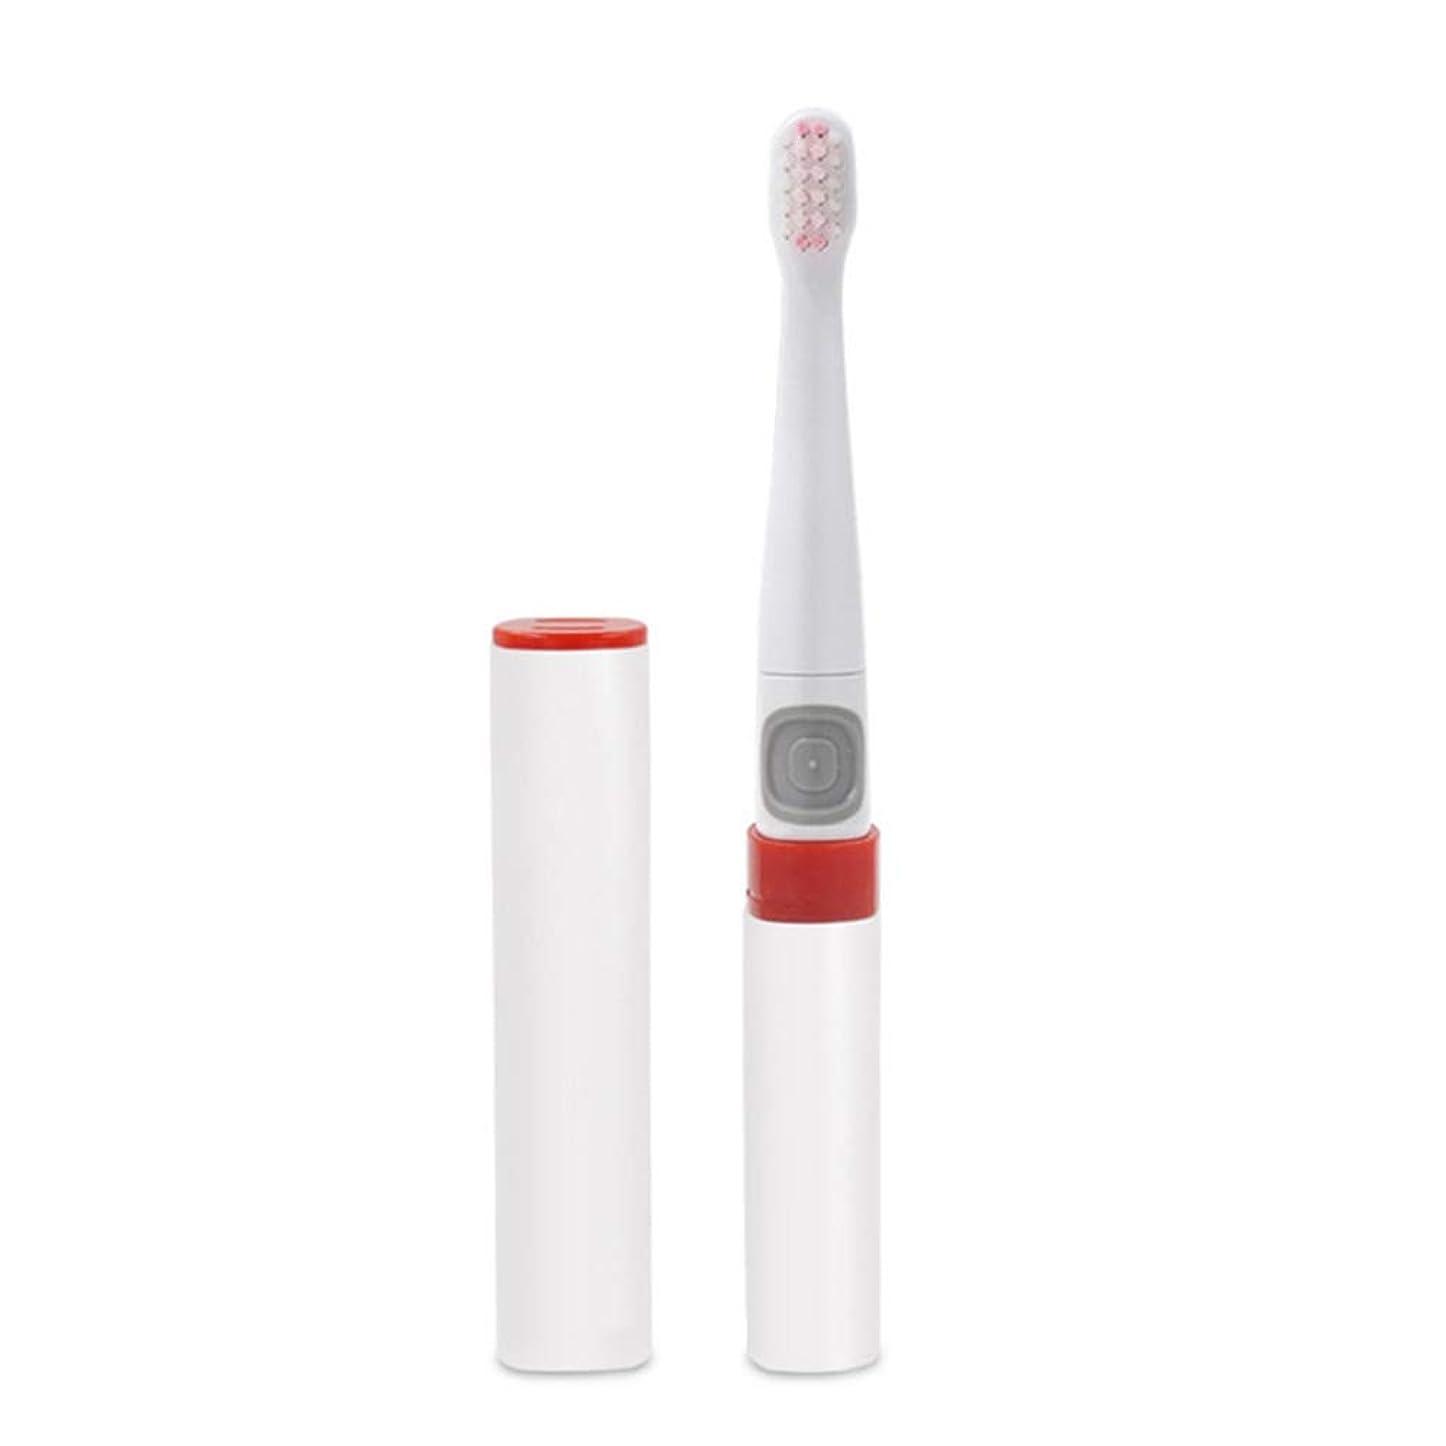 にやにやクロス縮れた電動歯ブラシ、大人の子供のための家の防水歯ブラシ超音波振動柔らかい毛の乾電池の歯ブラシ,白,1Pcs